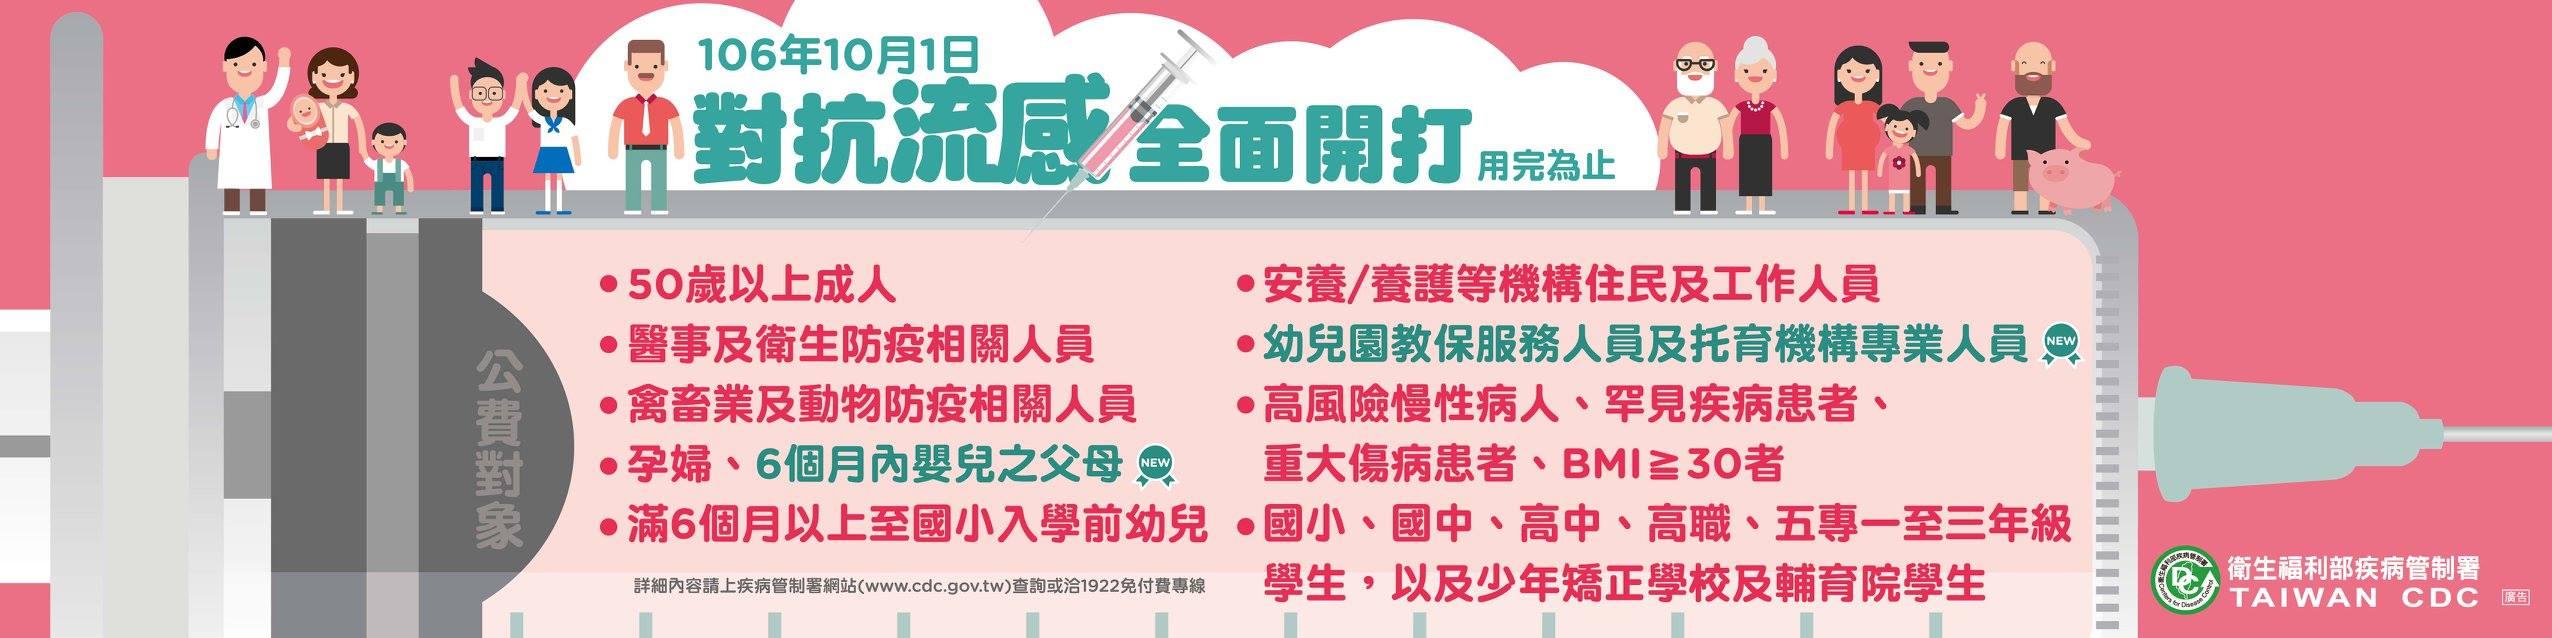 宜興診所1061001-1